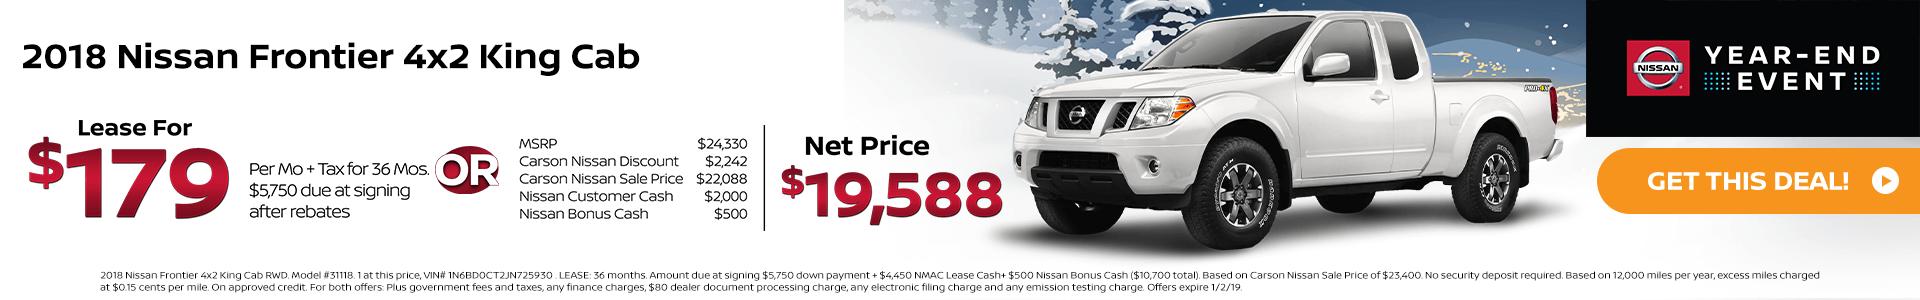 2018 Nissan Frontier 4x2